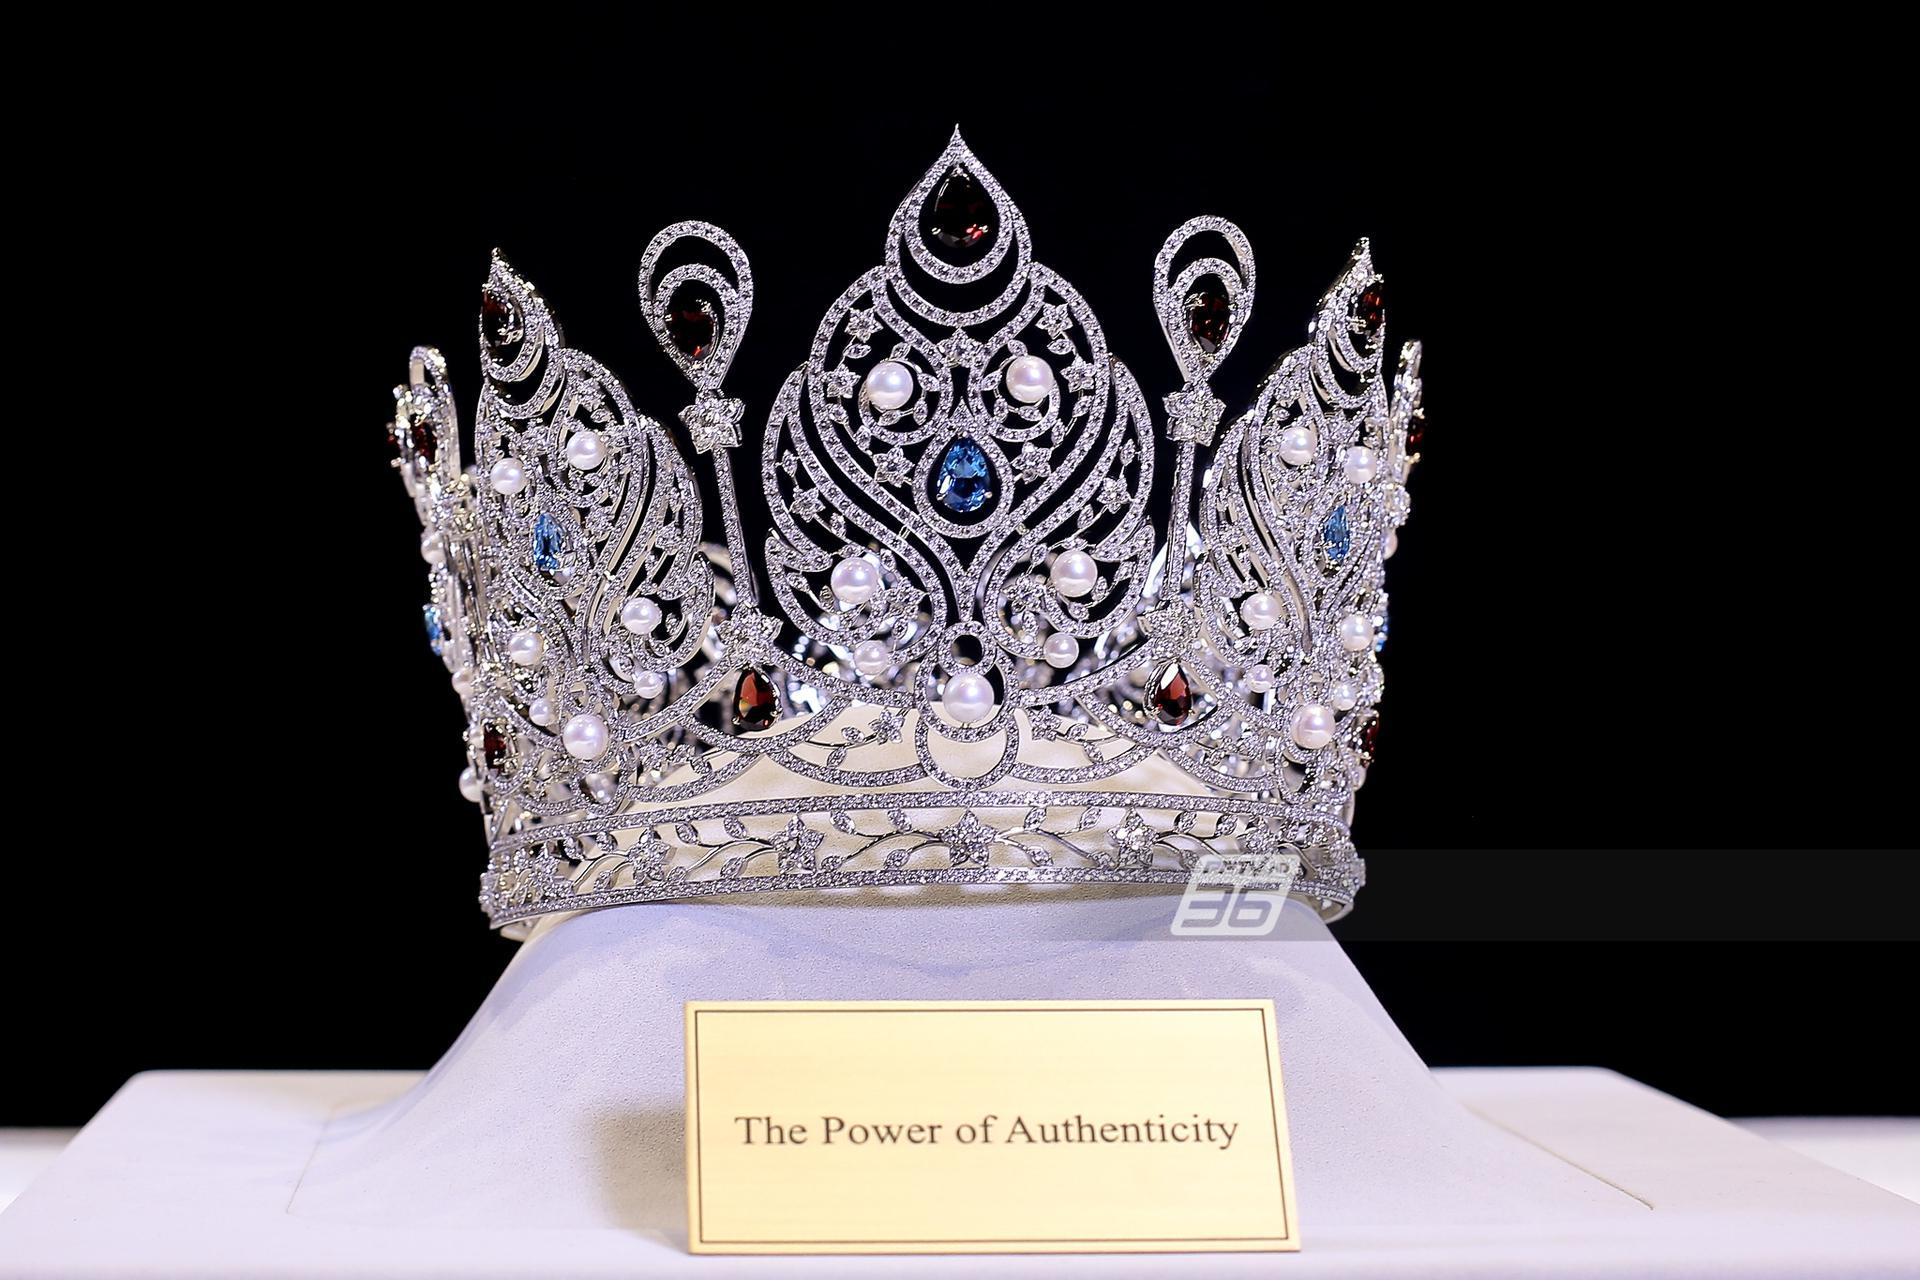 เผยโฉมมงกุฎเพชร Miss Universe Thailand 2020